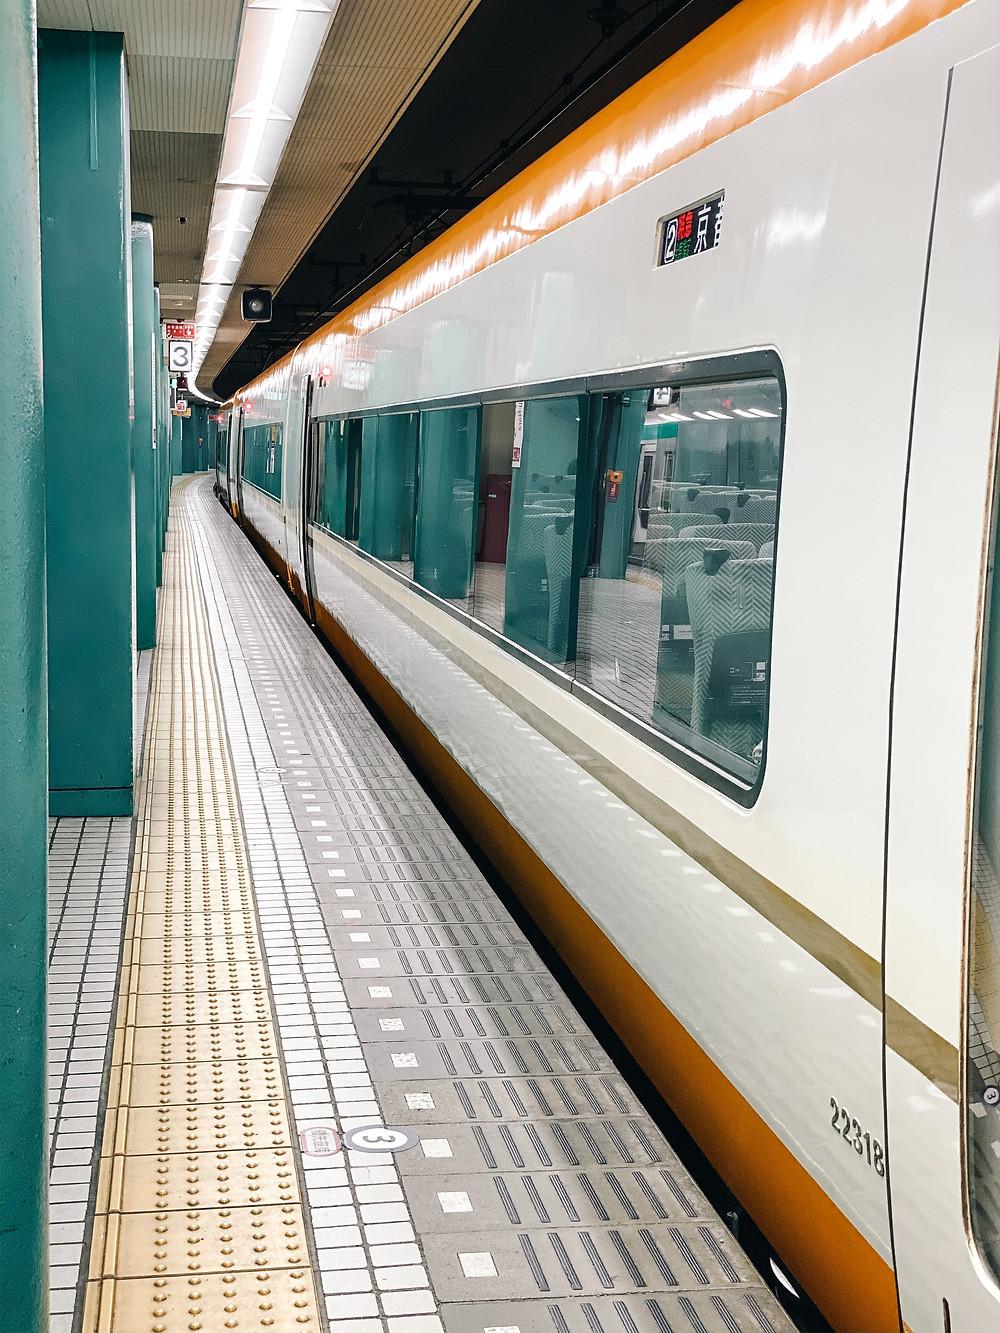 ペットの電車での移動は気を使いますね